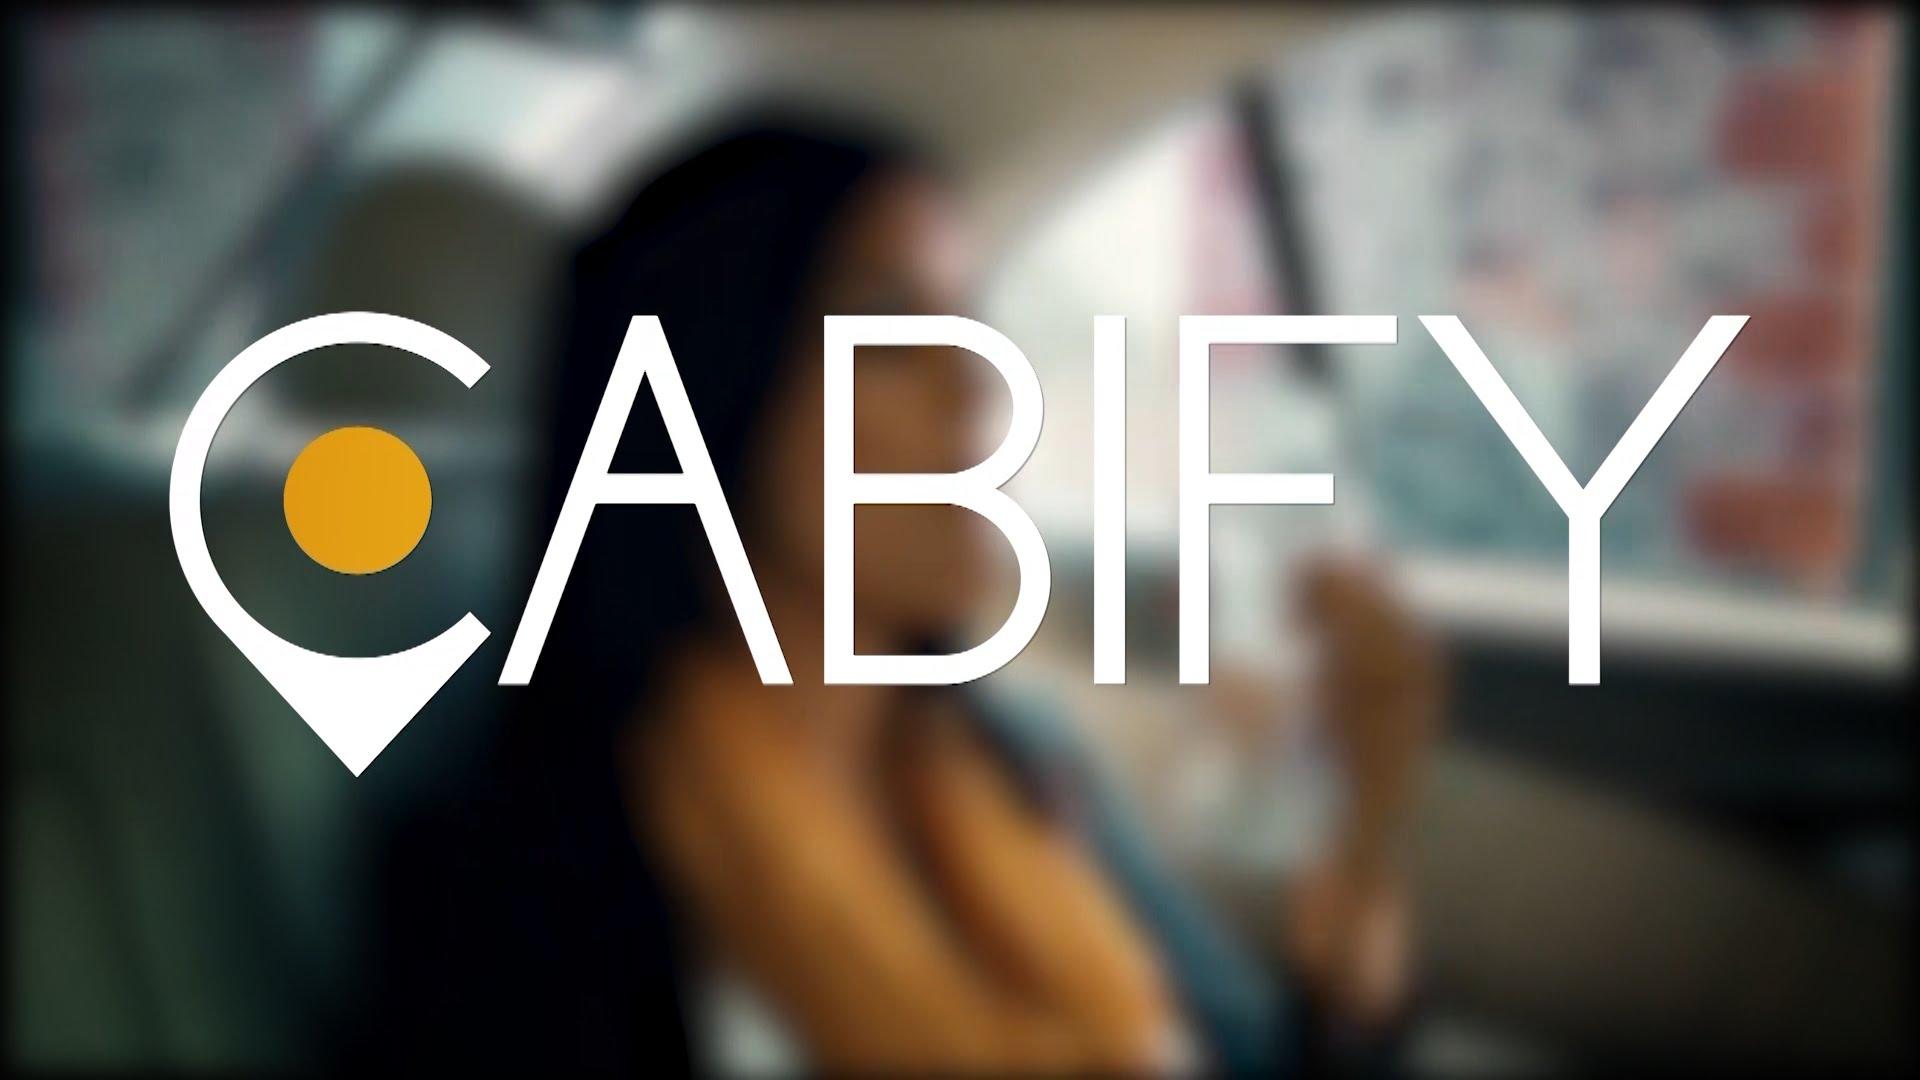 Cabify GDL: 3 viajes de 50 pesos (solo usuarios nuevos)